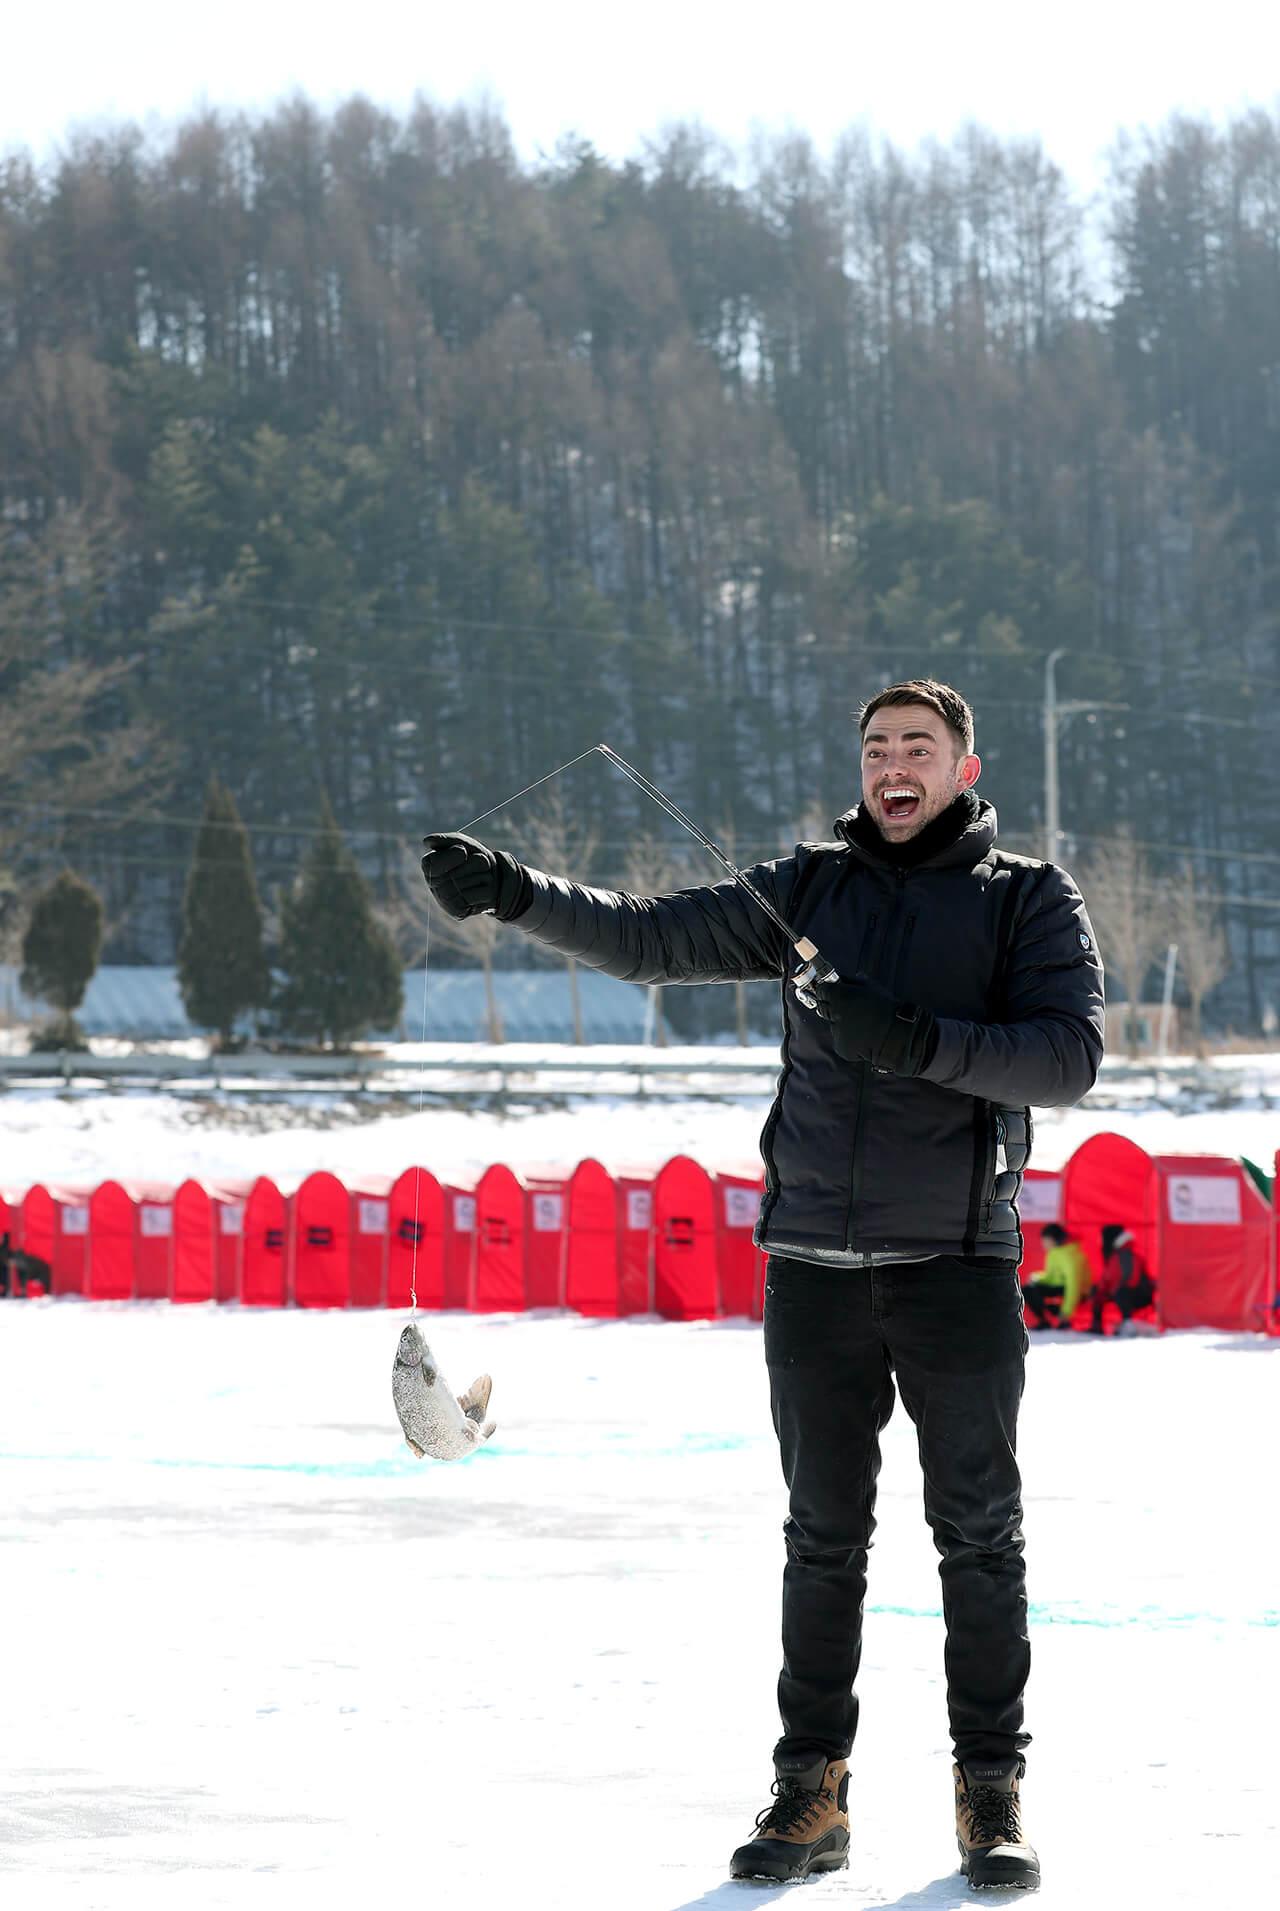 Lễ hội câu cá trên băng tại Pyeongchang